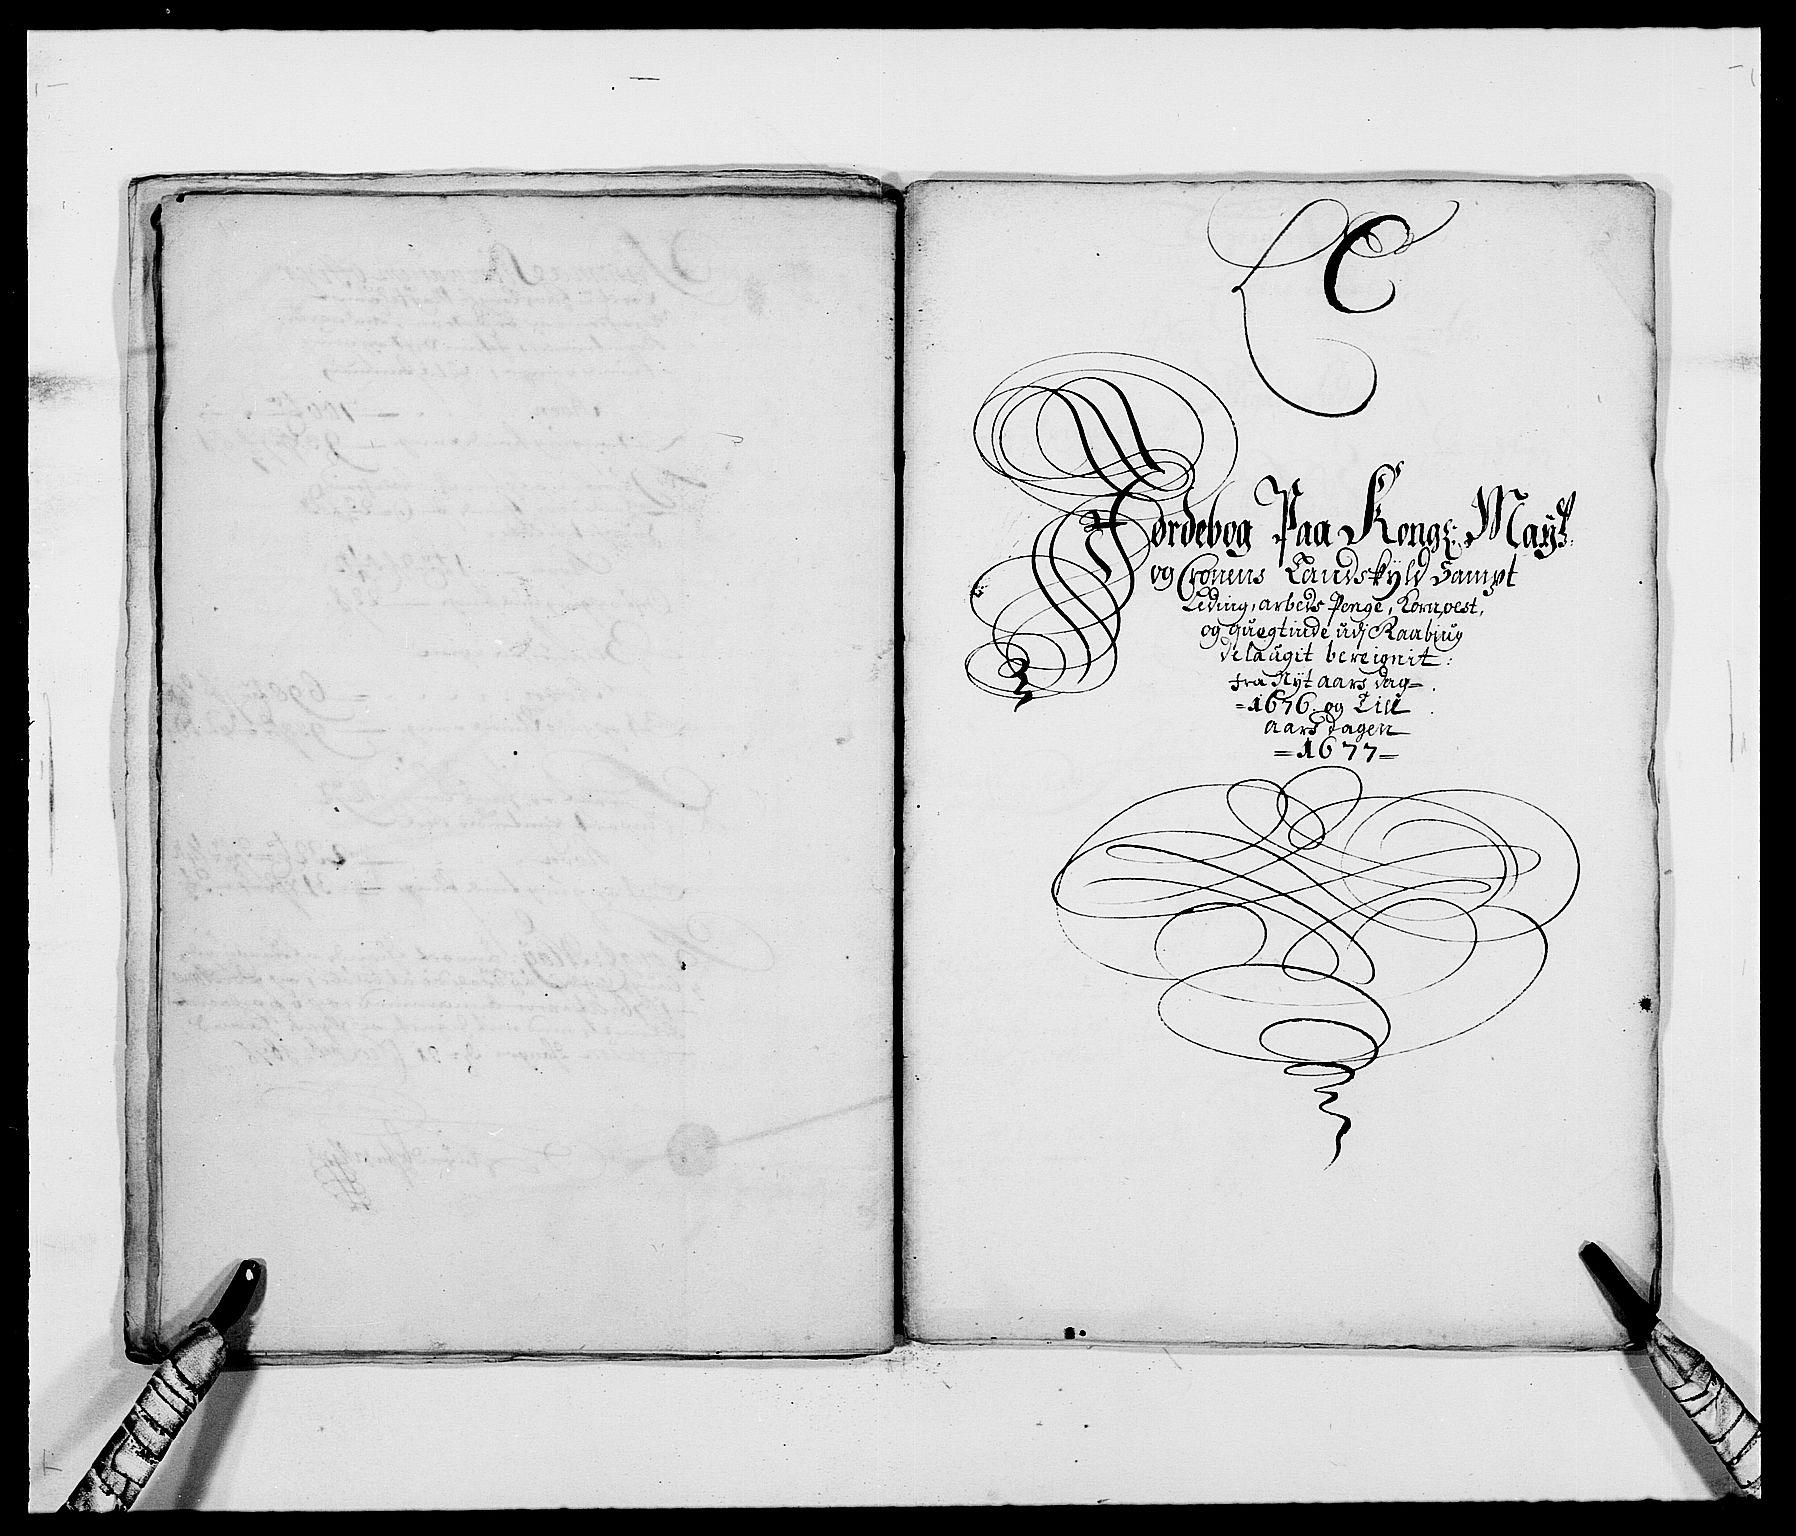 RA, Rentekammeret inntil 1814, Reviderte regnskaper, Fogderegnskap, R40/L2434: Fogderegnskap Råbyggelag, 1675-1676, s. 288